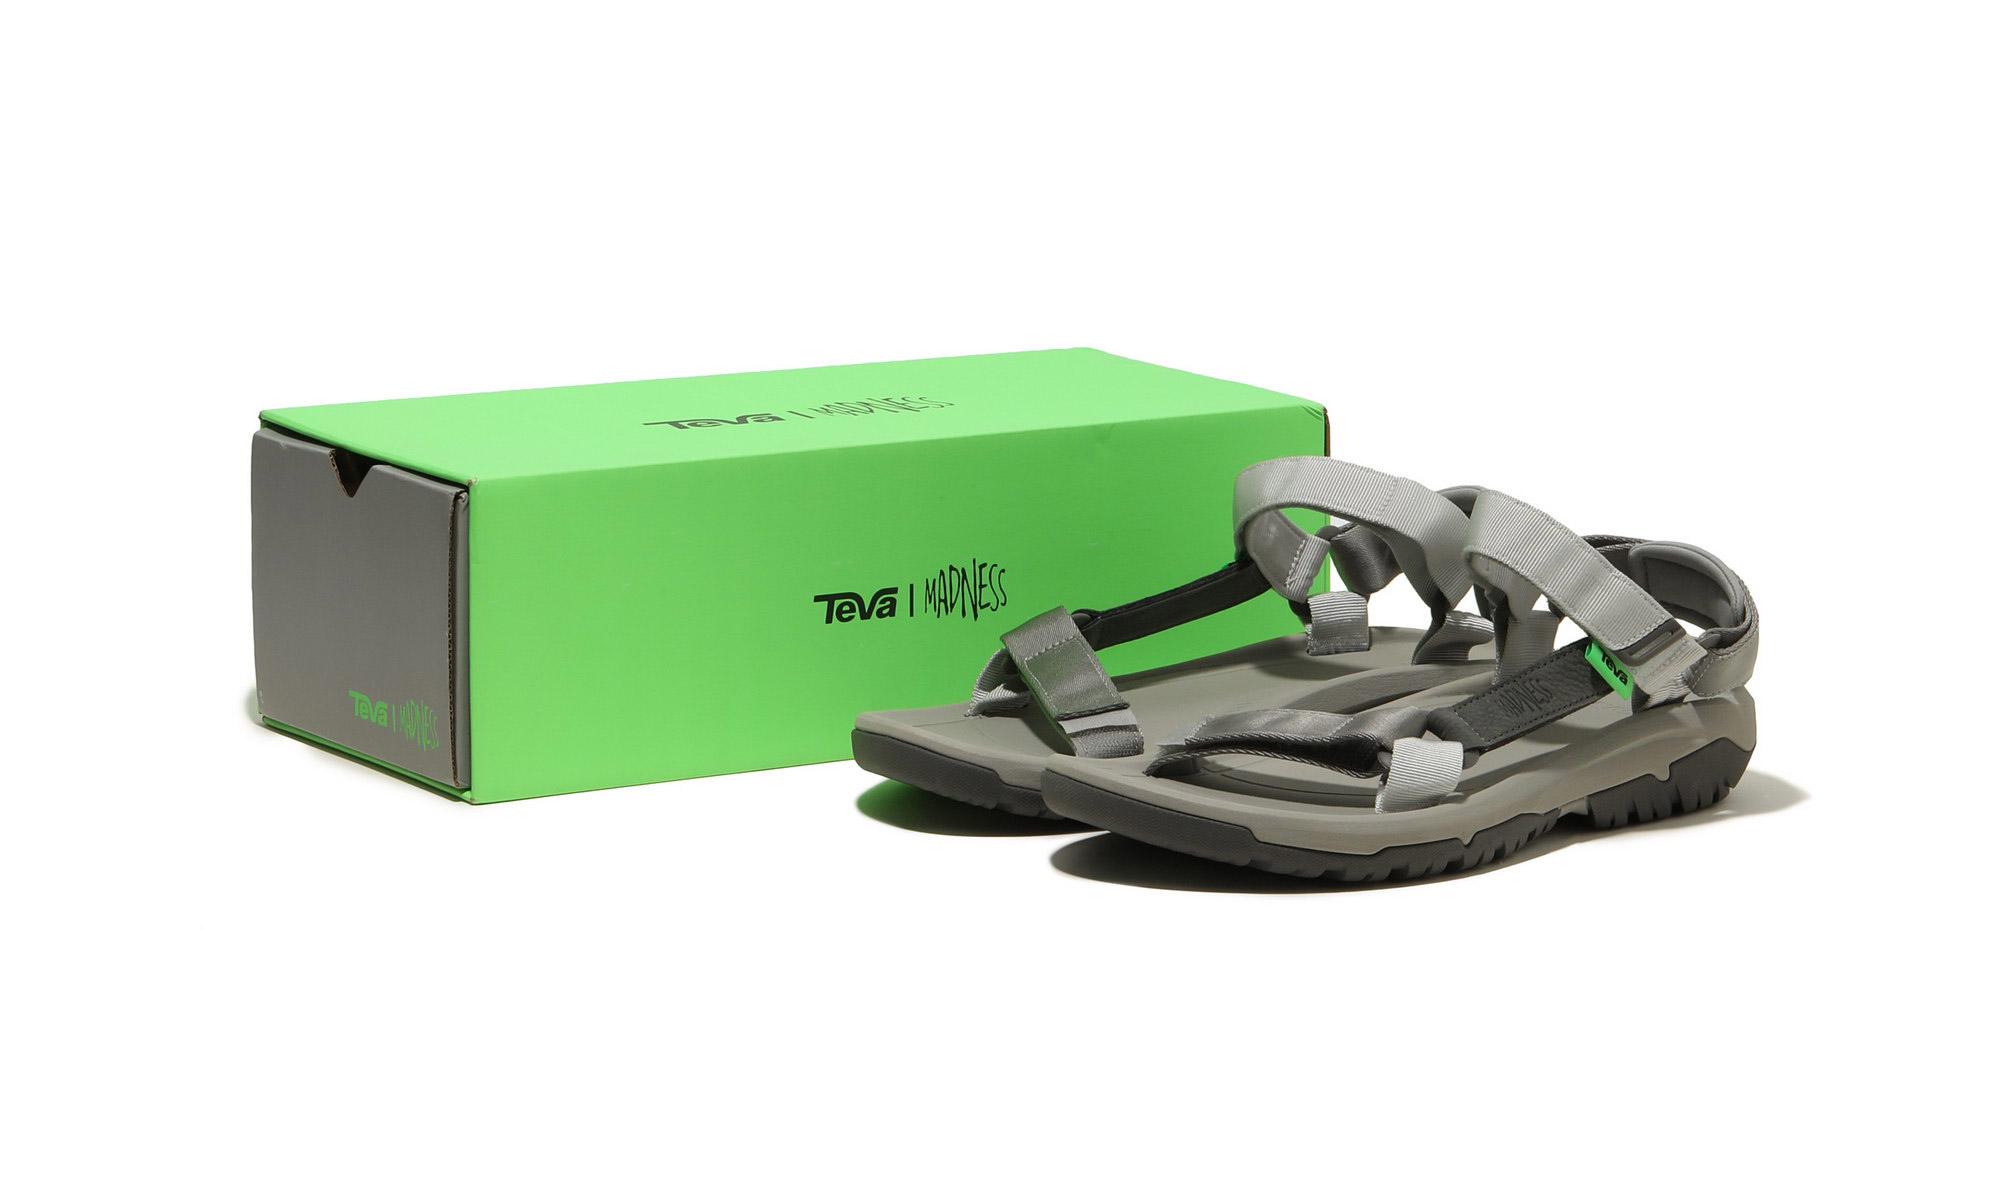 摩登户外与环保理念的碰撞,Teva x MADNESS 联名凉鞋登场